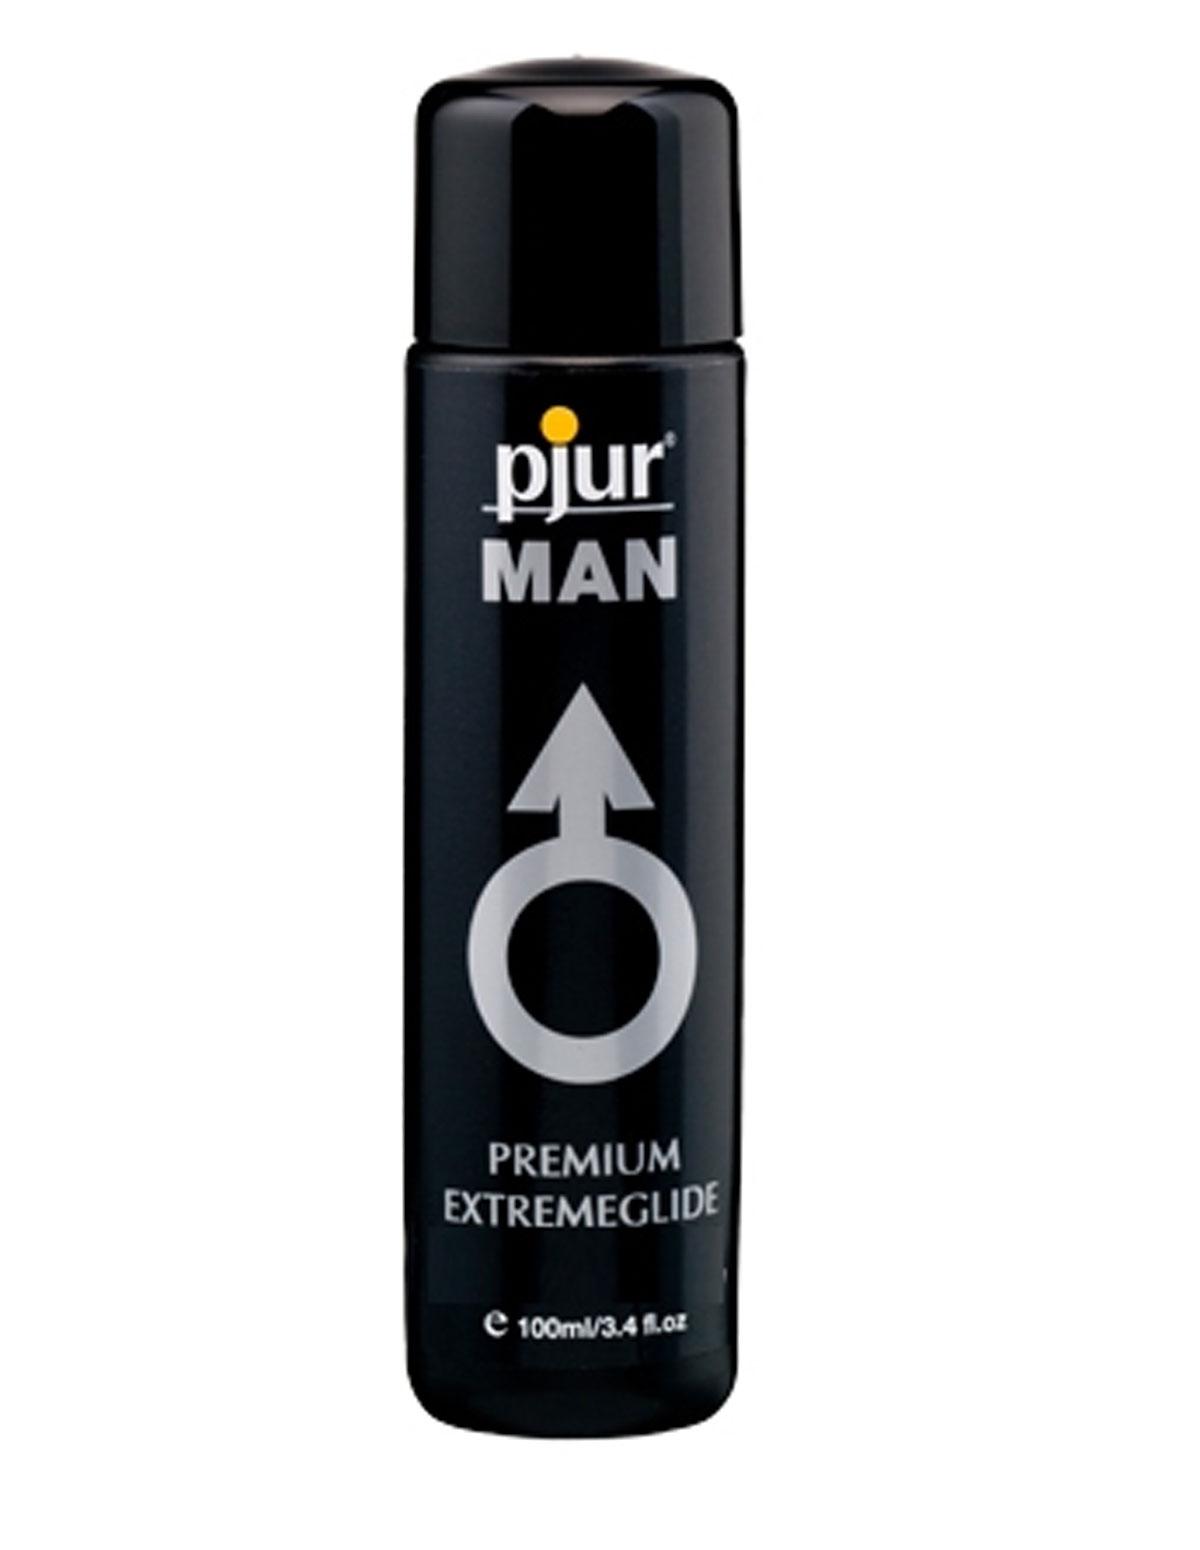 Pjur Man Premium Extremeglide Silicone